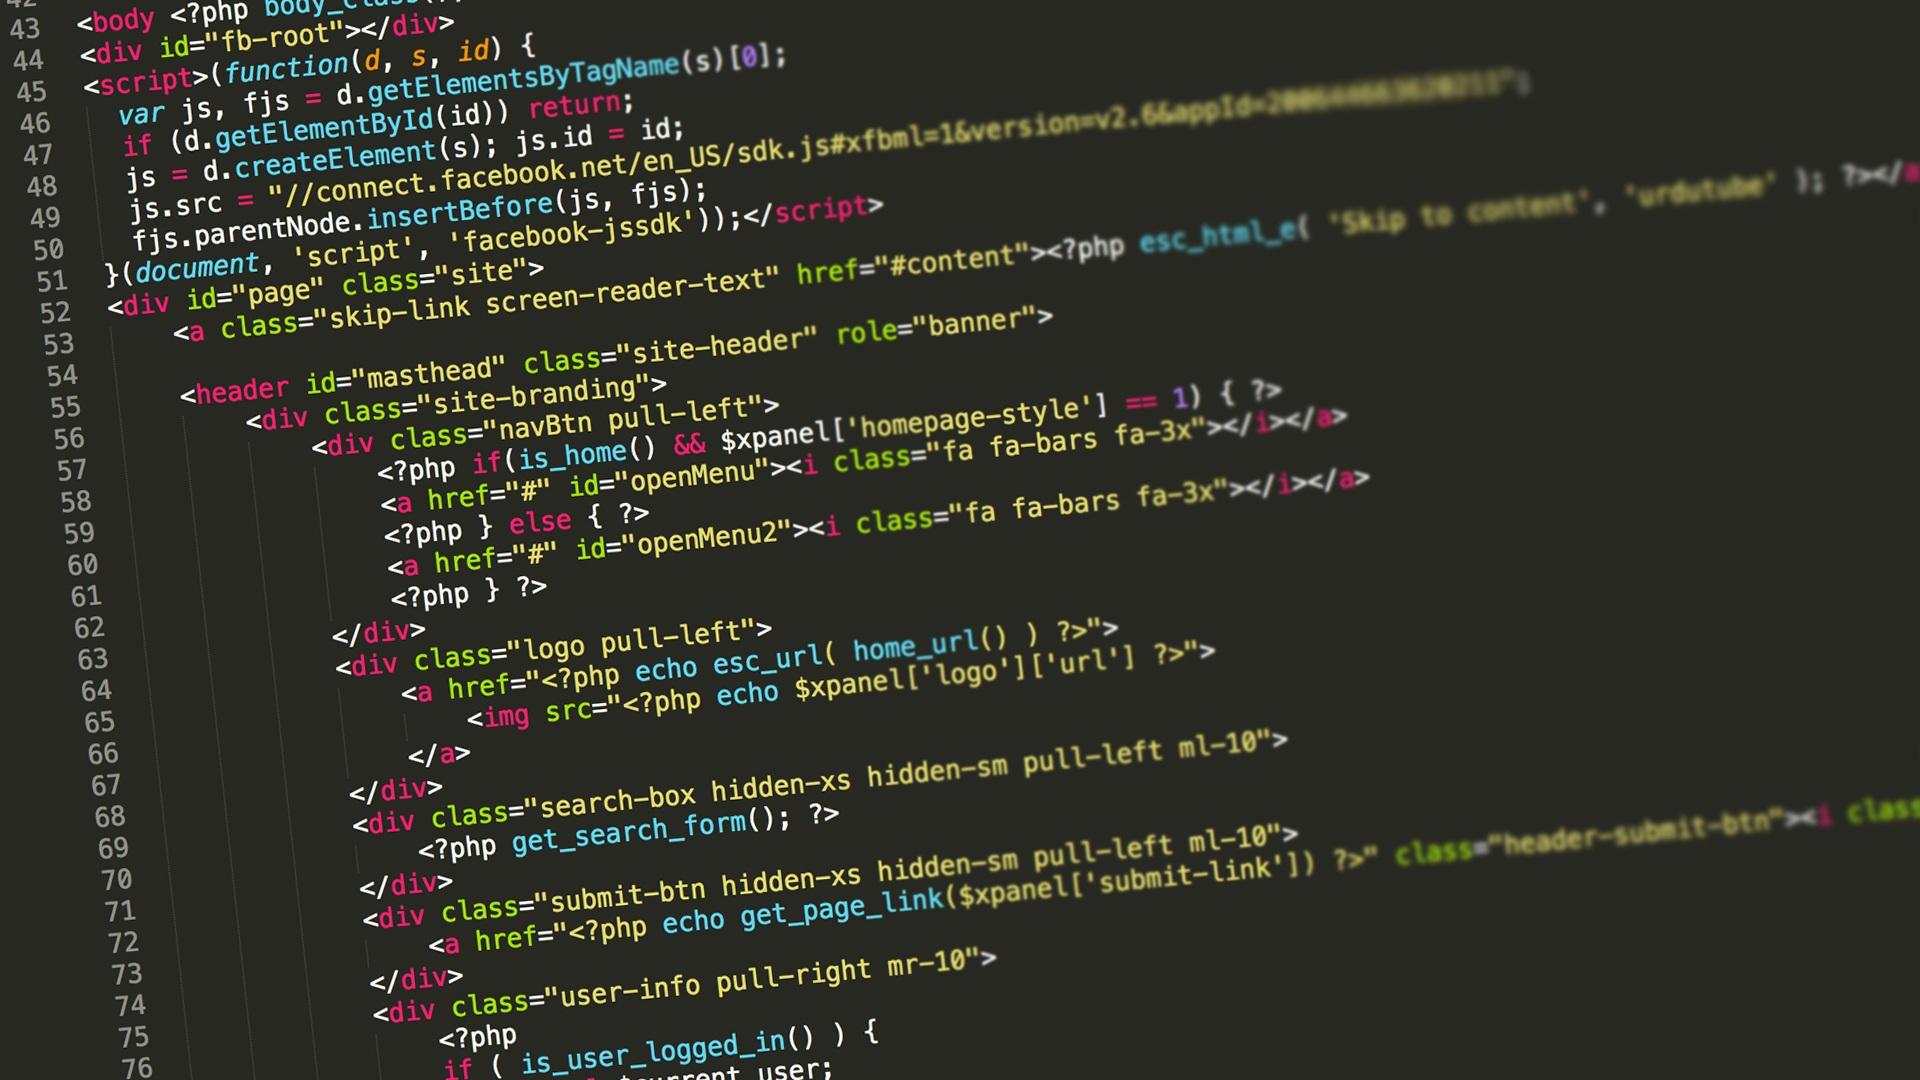 【あるある】どの言語が稼げる?エンジニア同士の会話が言語まみれな件についてのアイキャッチイメージ